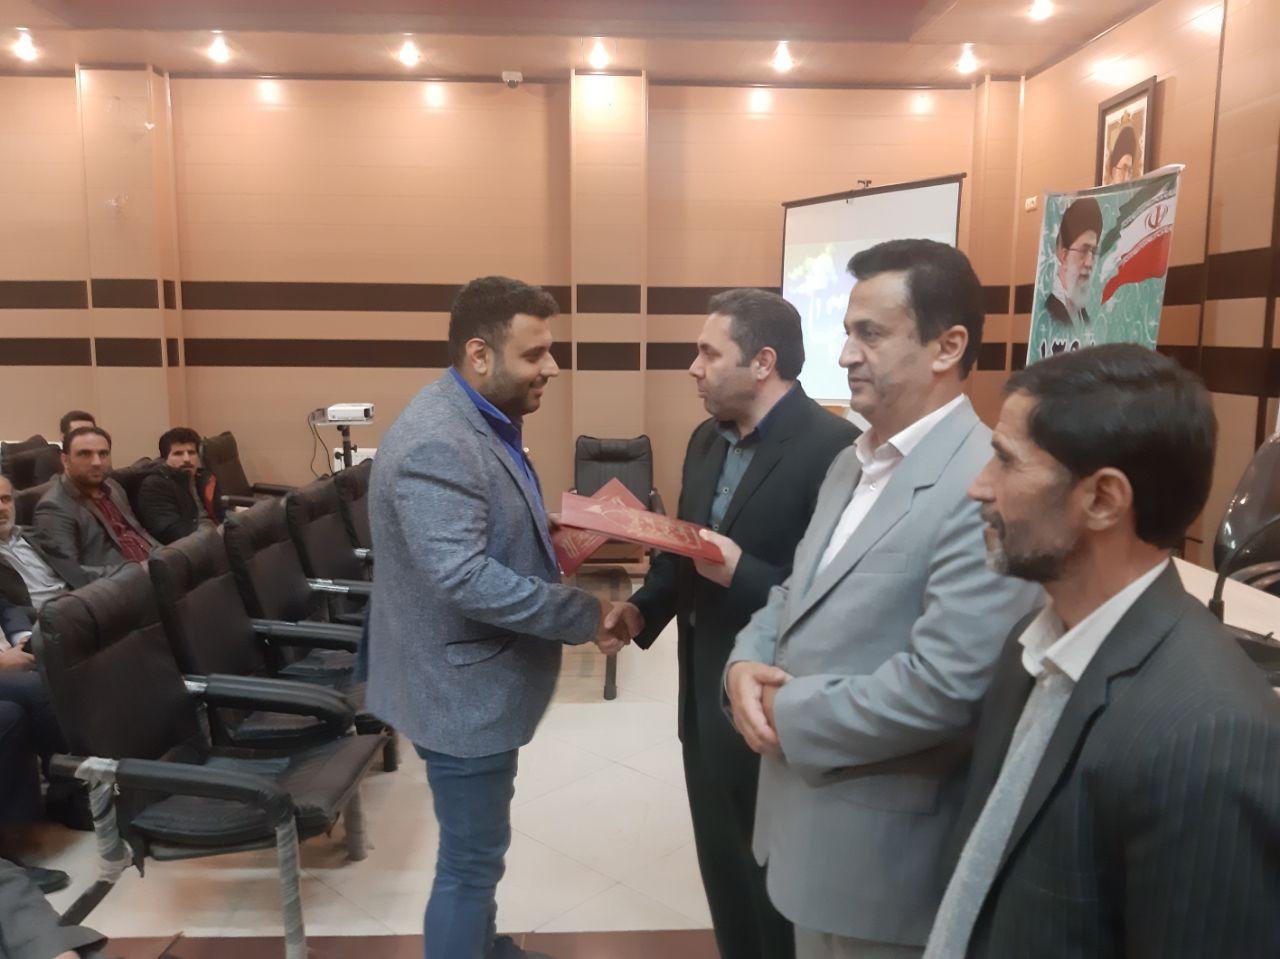 برگزاری مراسم تجلیل از خادمین و خیرین موکب شهدای لاهیجان در سالن اجلاس مجامع امور صنفی لاهیجان